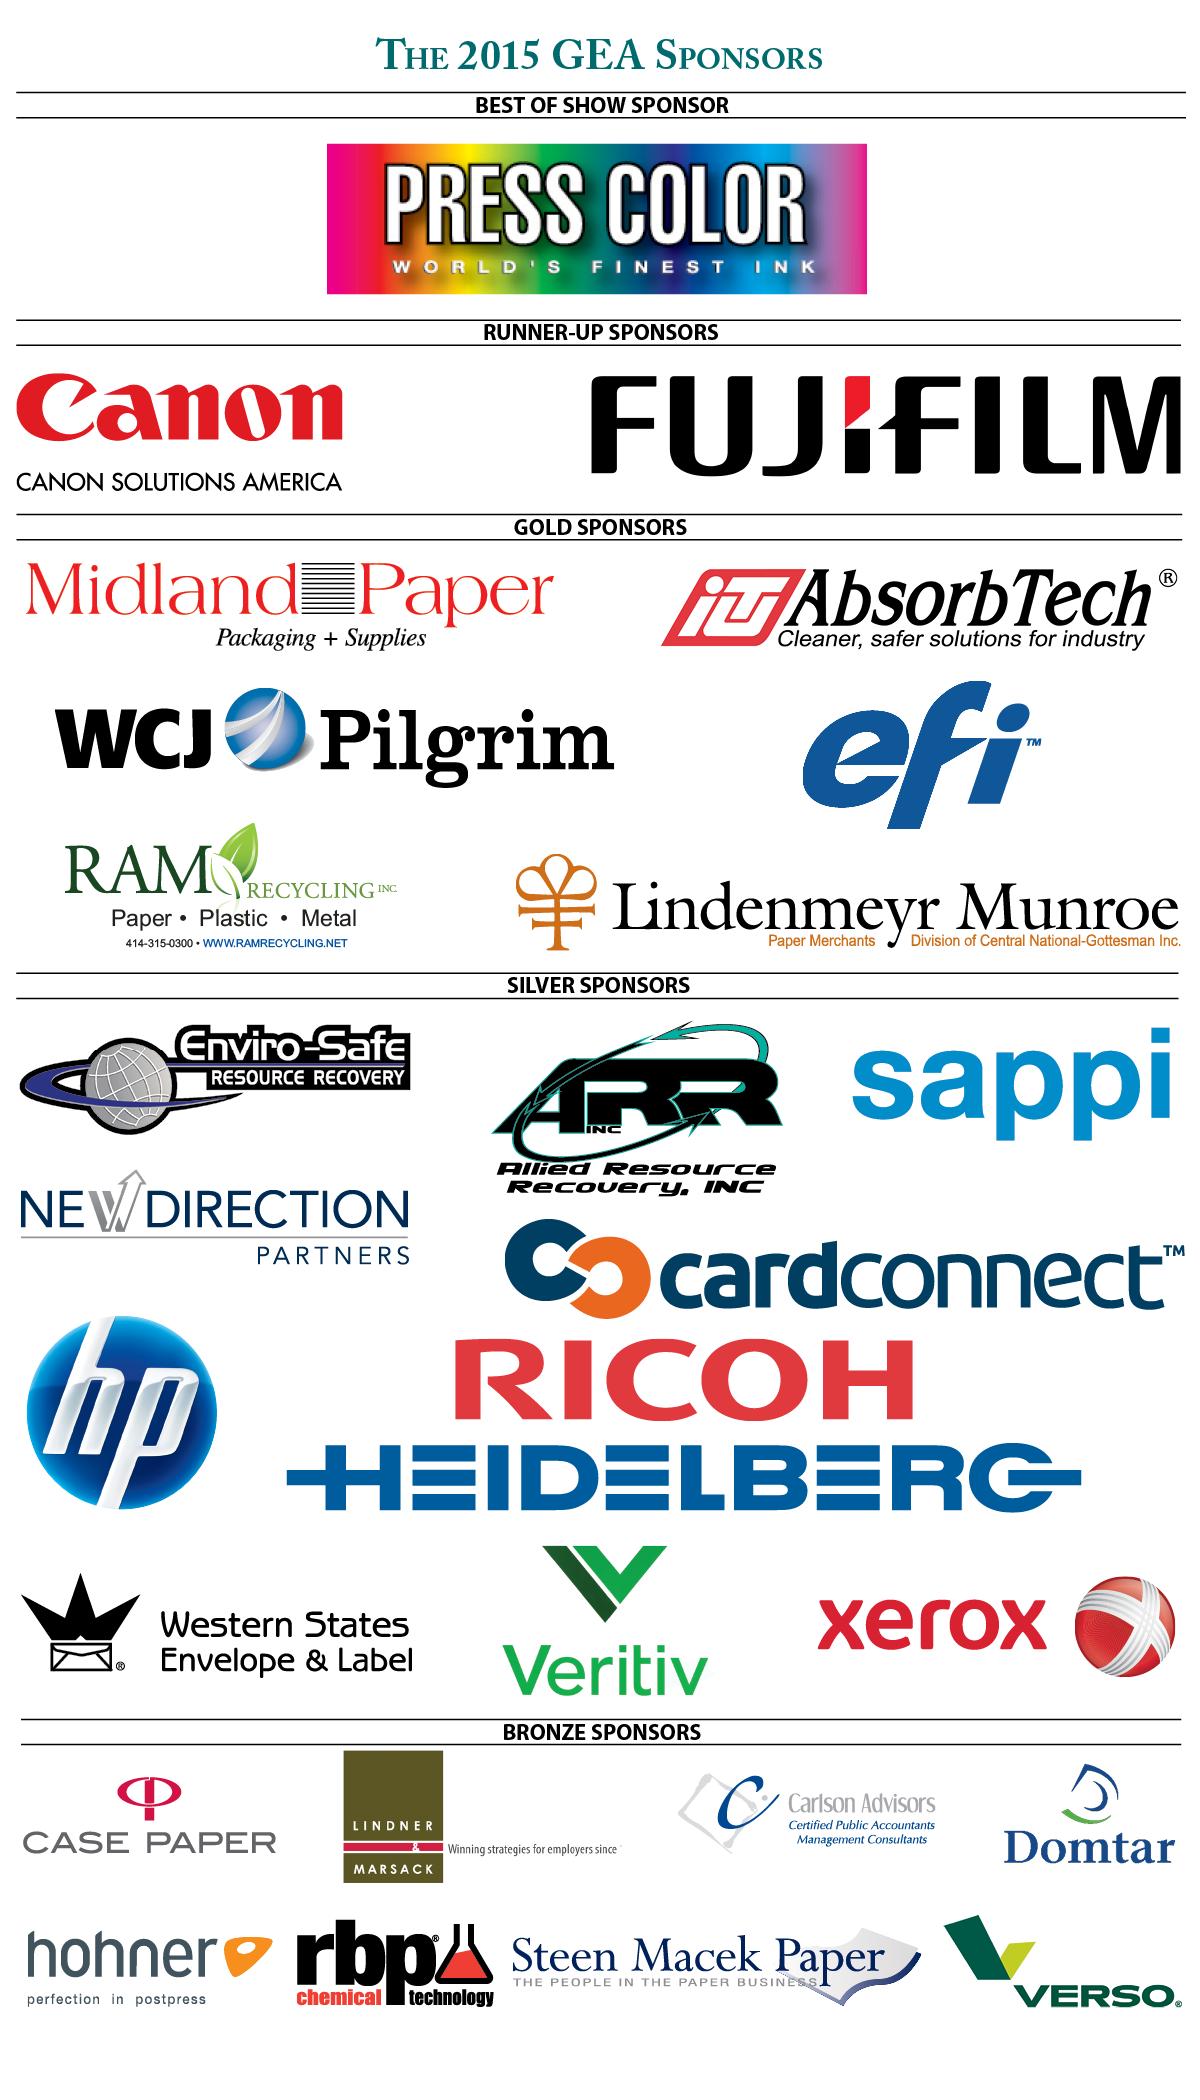 GEA-2015-Sponsors